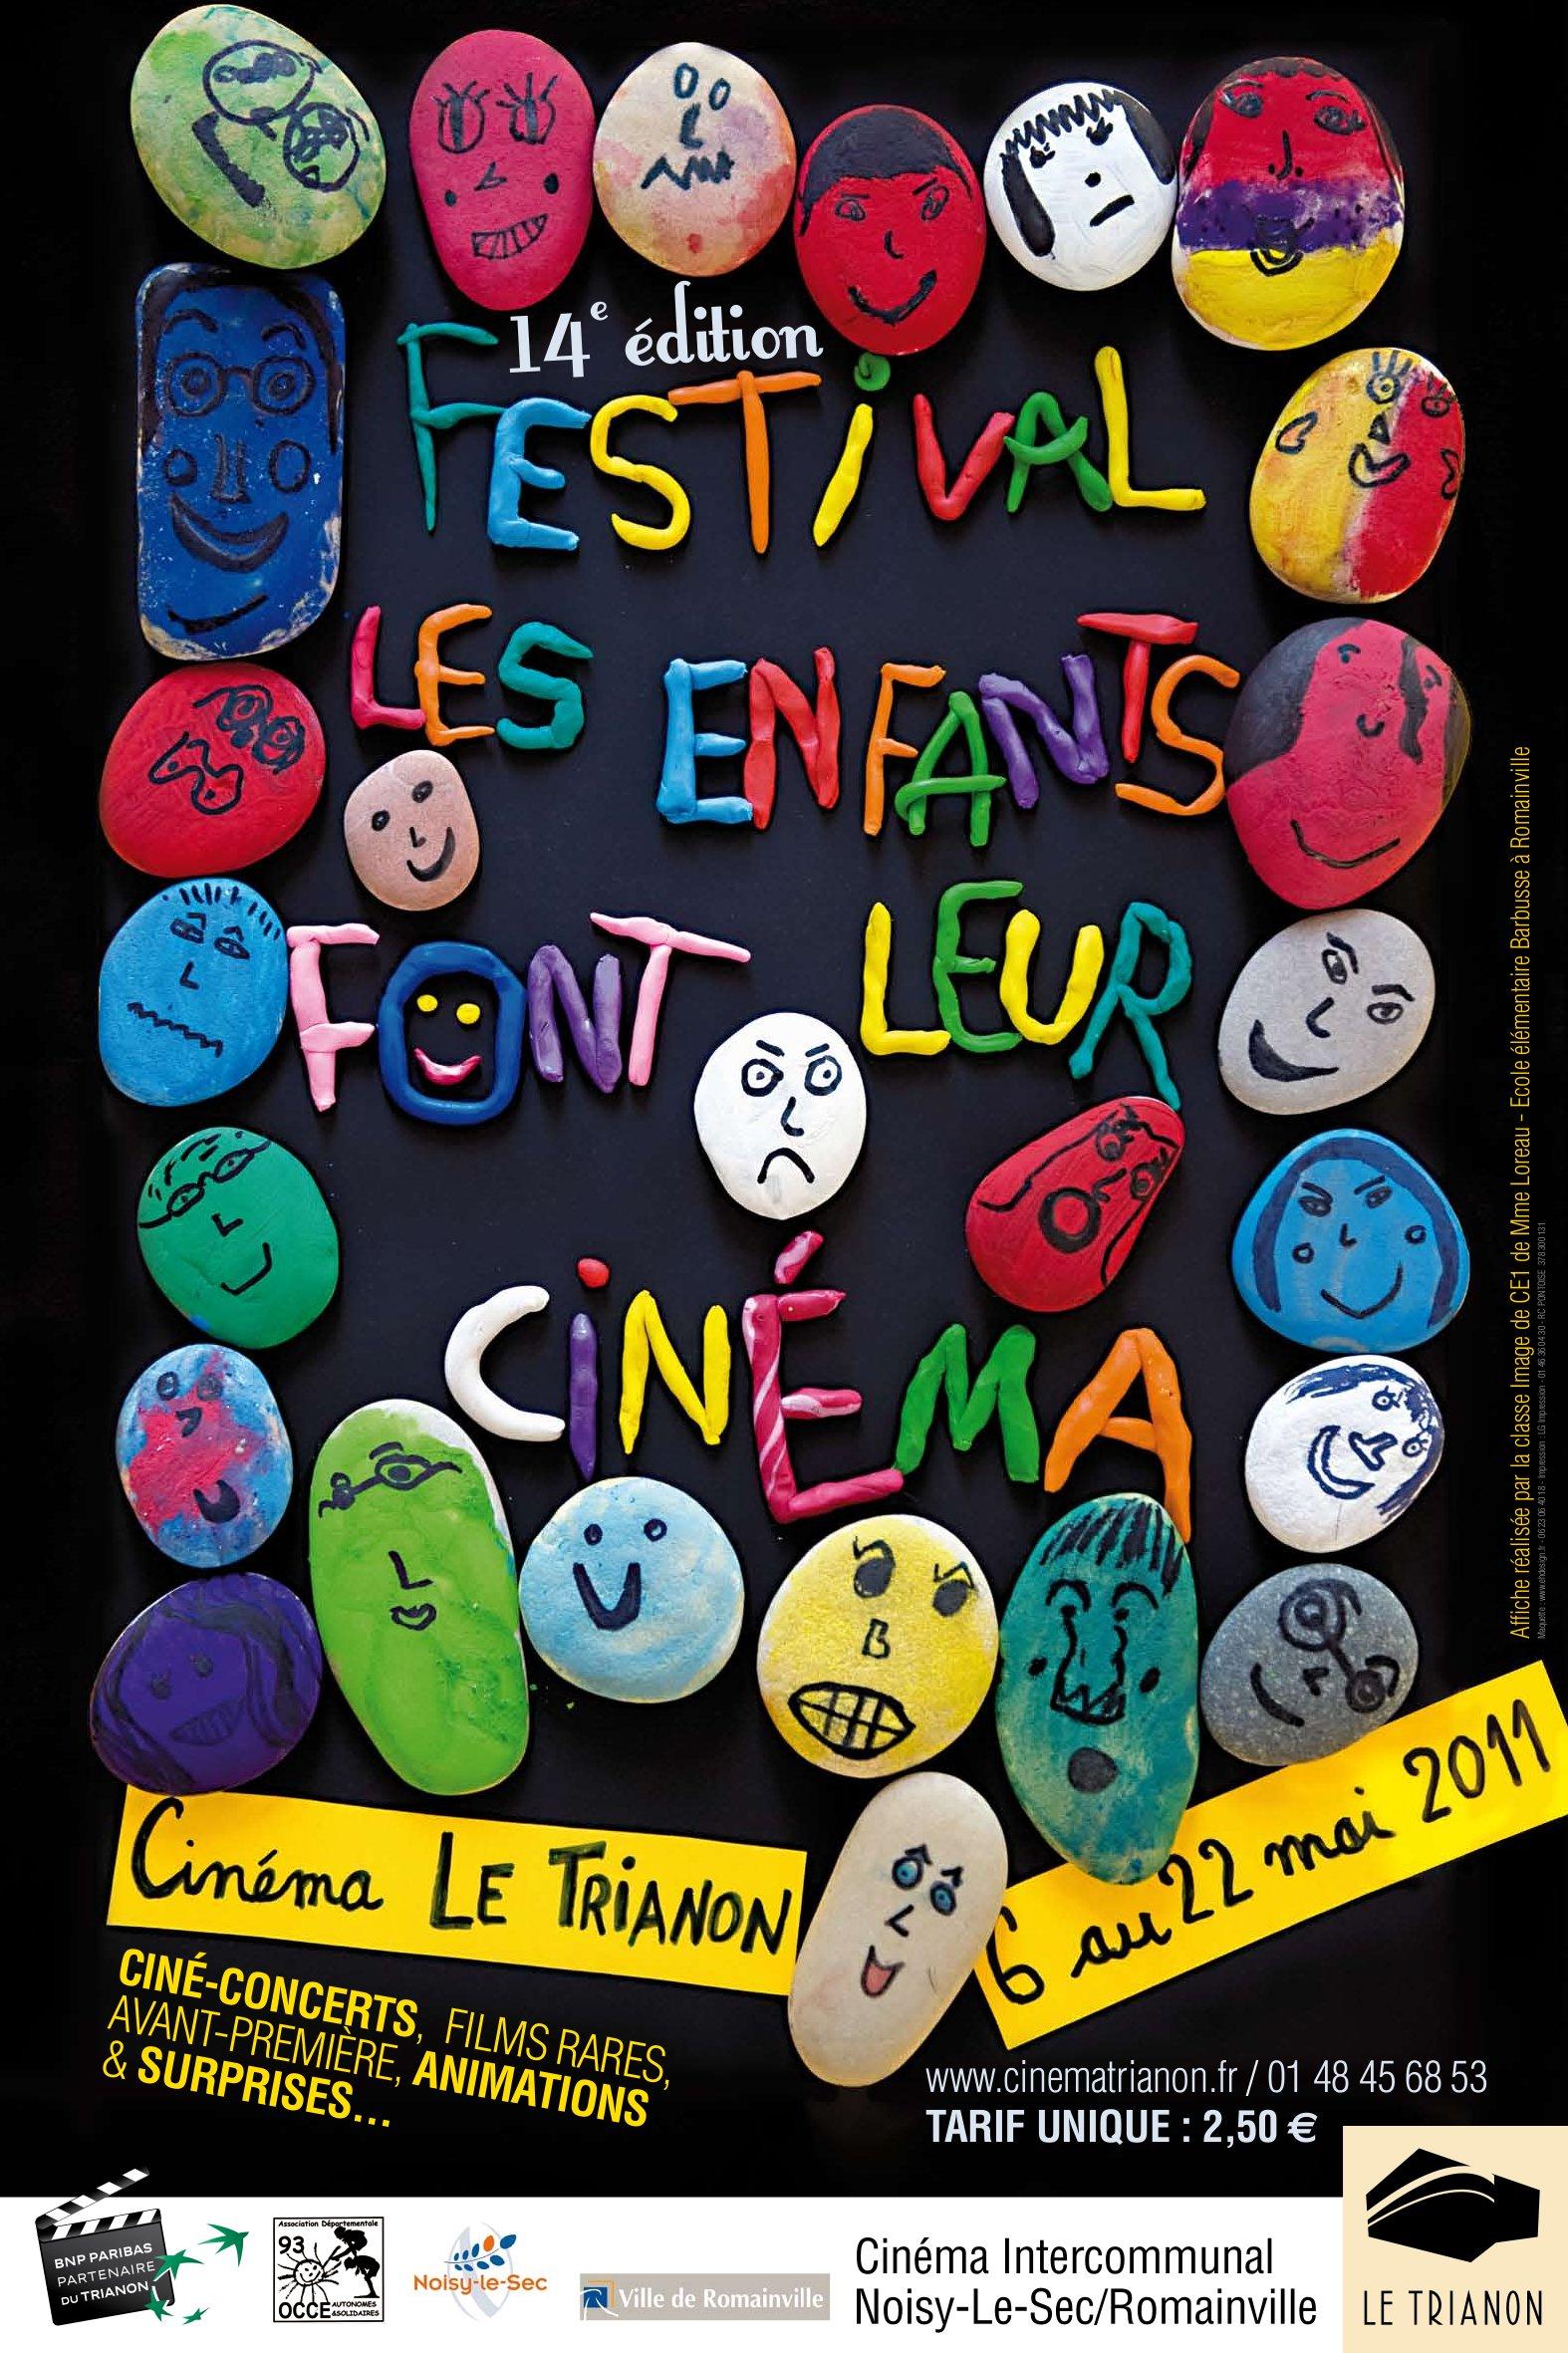 Image Festival Les Enfants Font leur Cinéma !